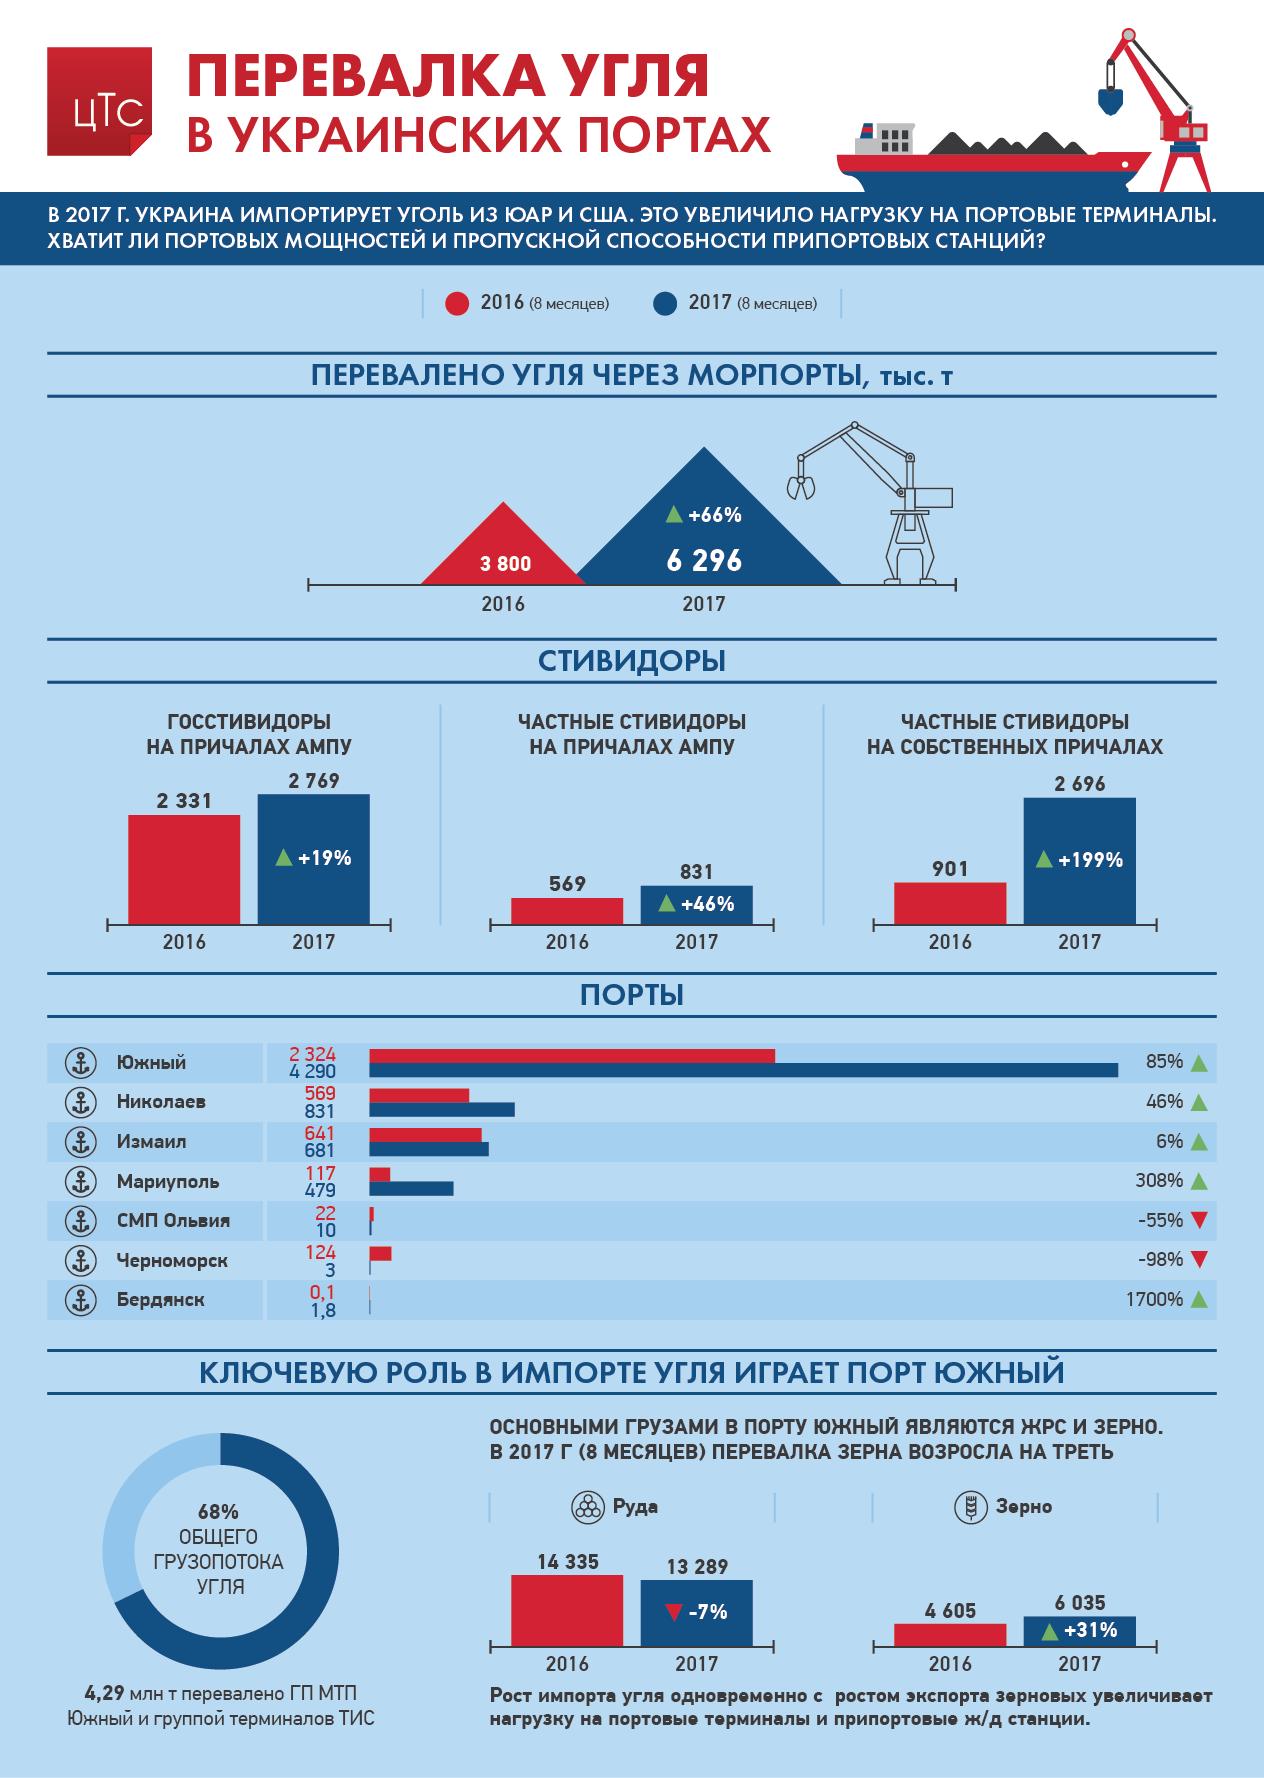 Перевалка угля в Украинских портах: 2016 vs 2017